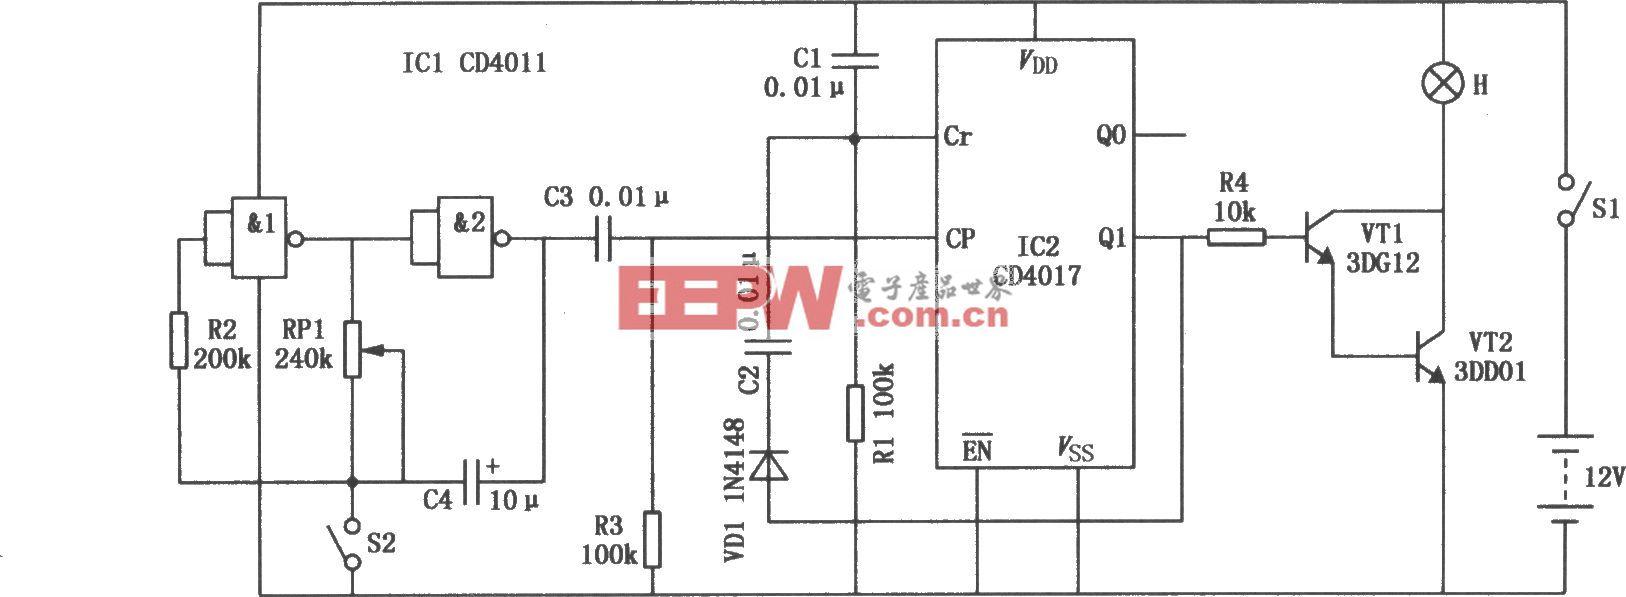 施工指示灯(CD4017、CD4011)